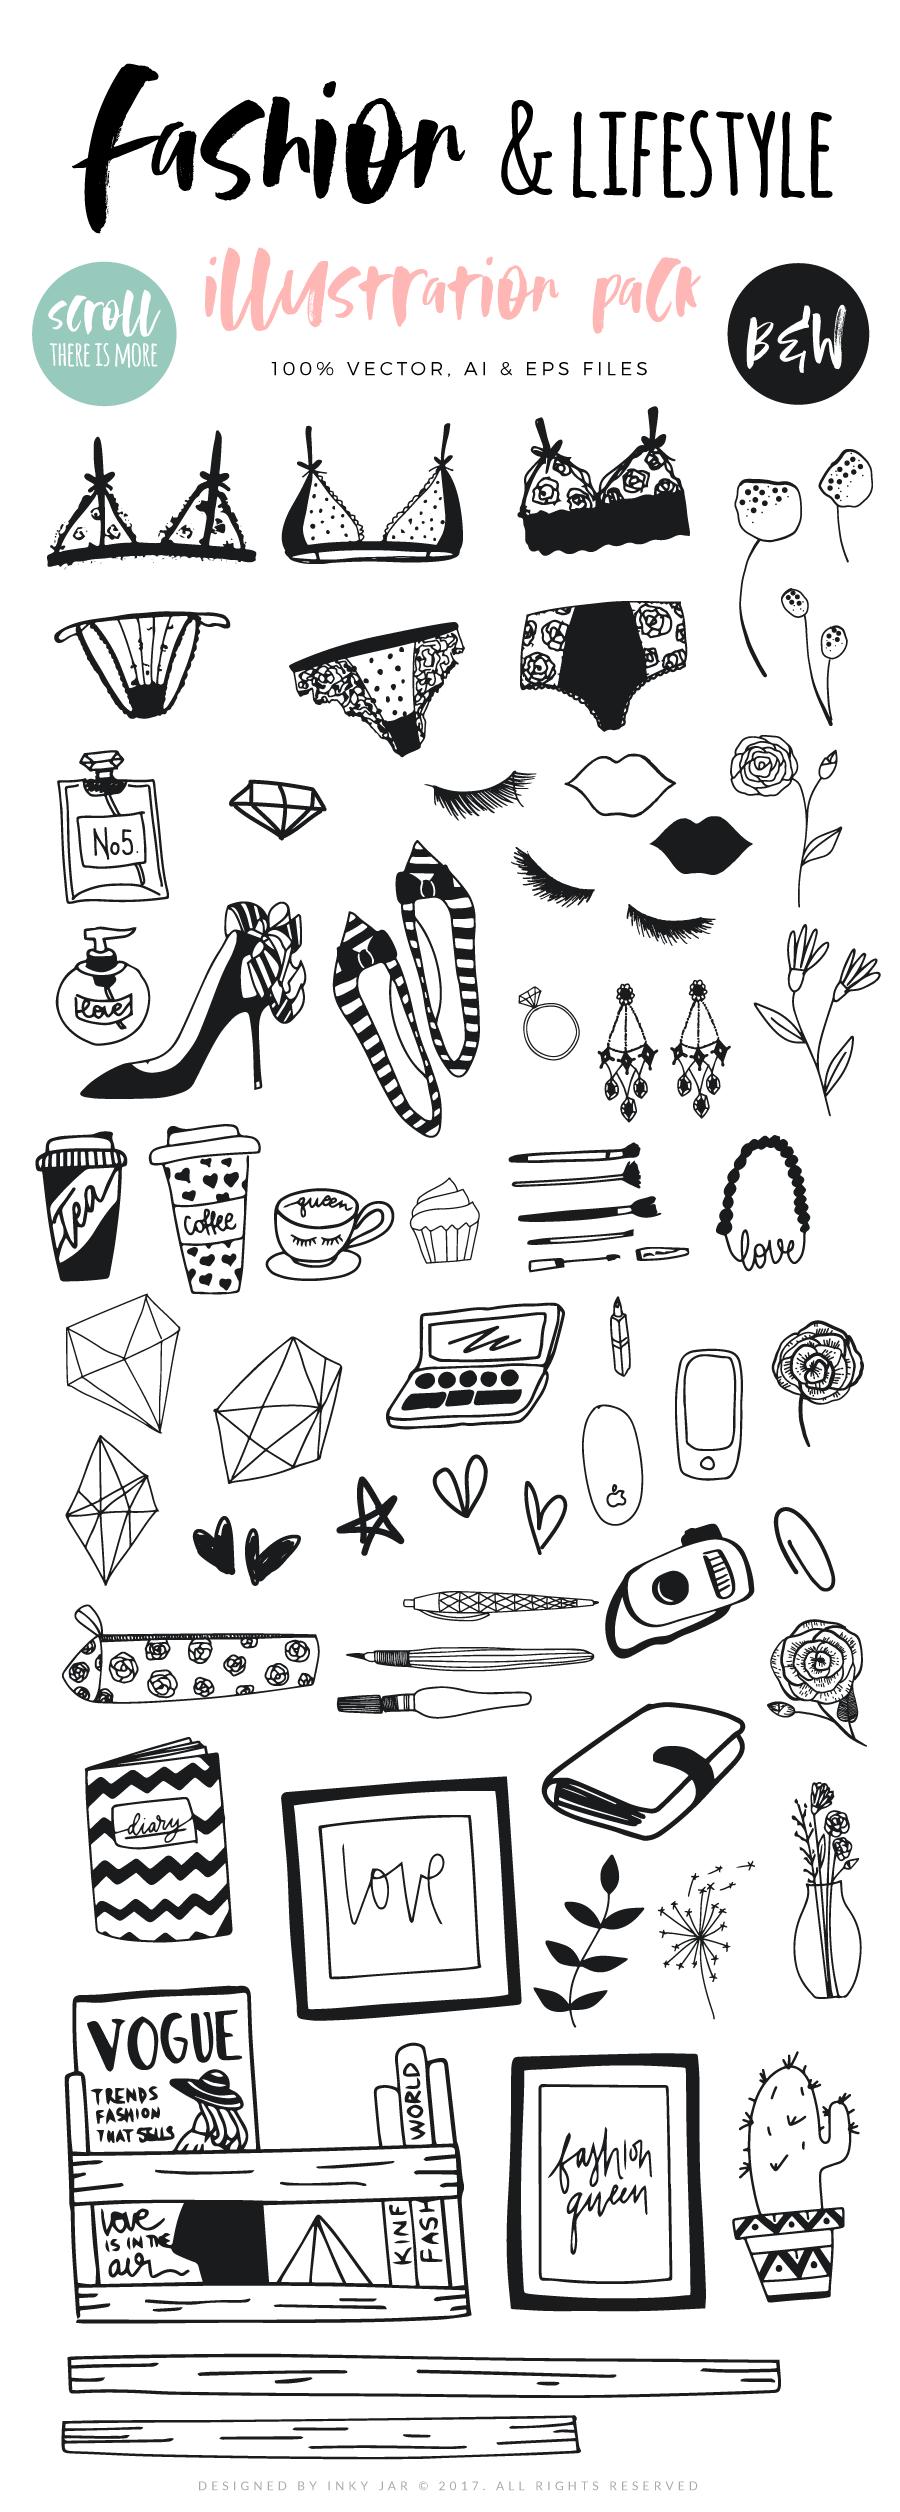 Fashion/Lifestyle illustration pack example image 4